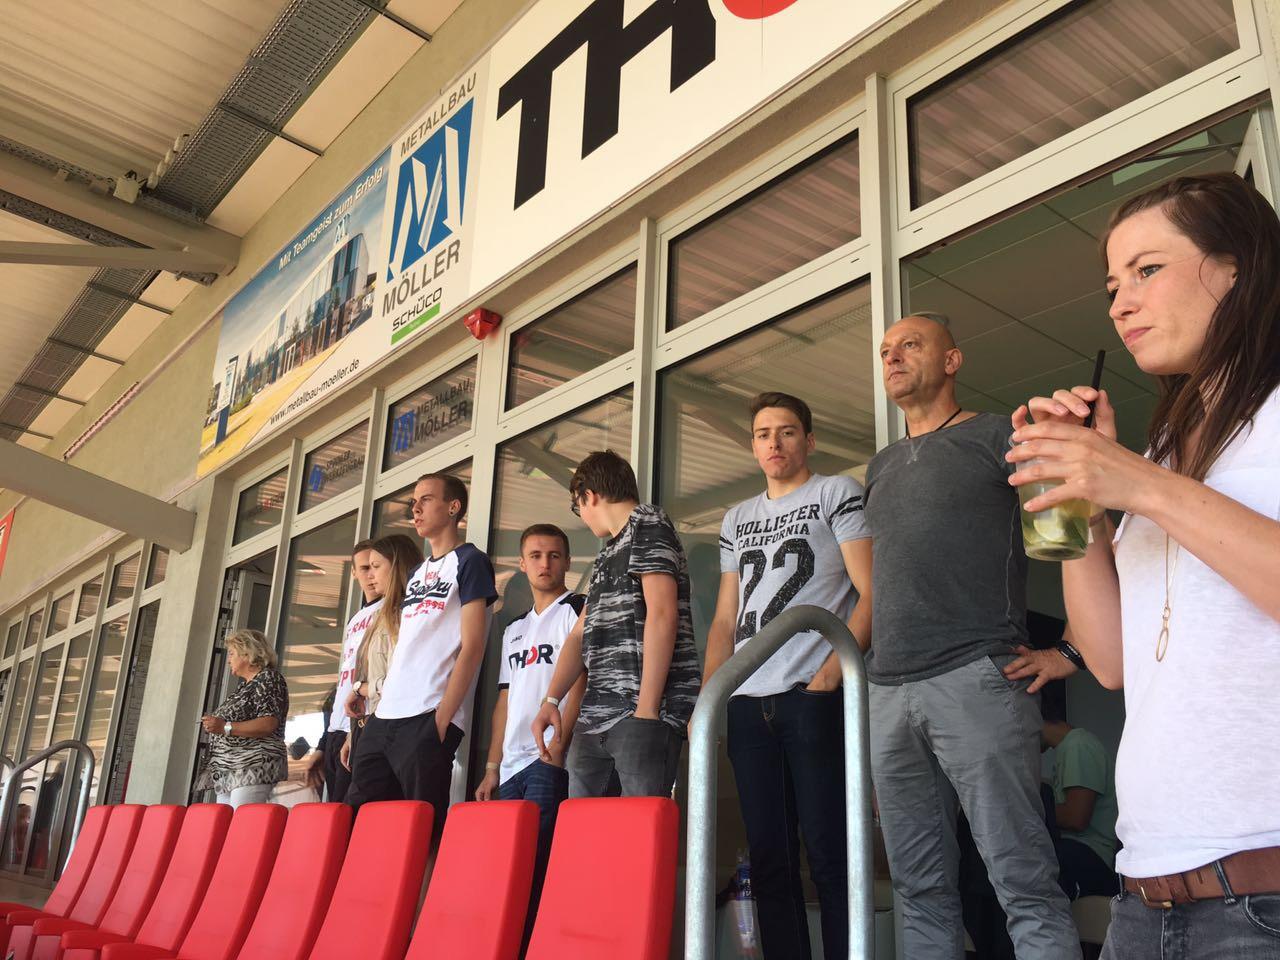 Ein gemeinsamer Ausflug ins Steigerwaldstadion in Erfurt: THOR-Azubis verfolgen gemeinsam Spiel des FC Rot-Weiß Erfurt gegen den SC Paderborn.